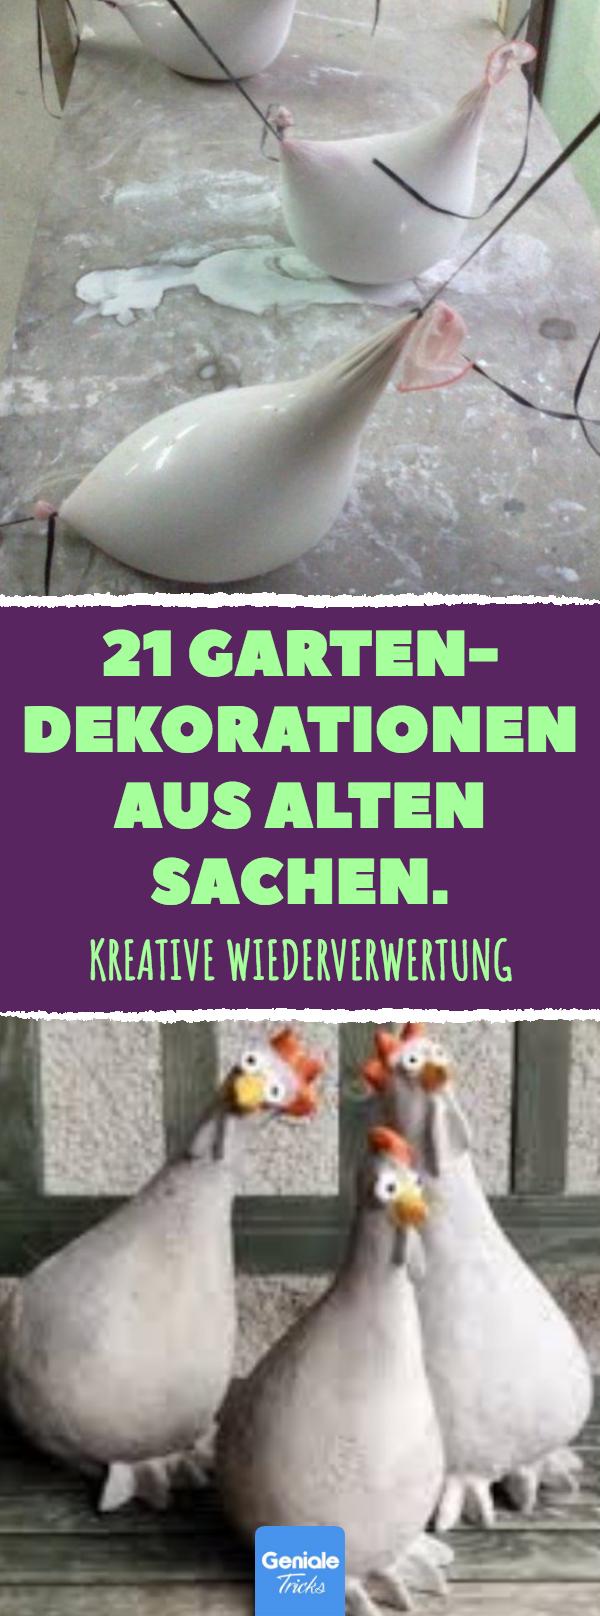 21 Garten- Dekorationen aus alten Sachen. #Gartendeko #Upcycling #Ideen #Garten #Recycling #DIY #kreativ #Bastelideen #Deko #gartenideen